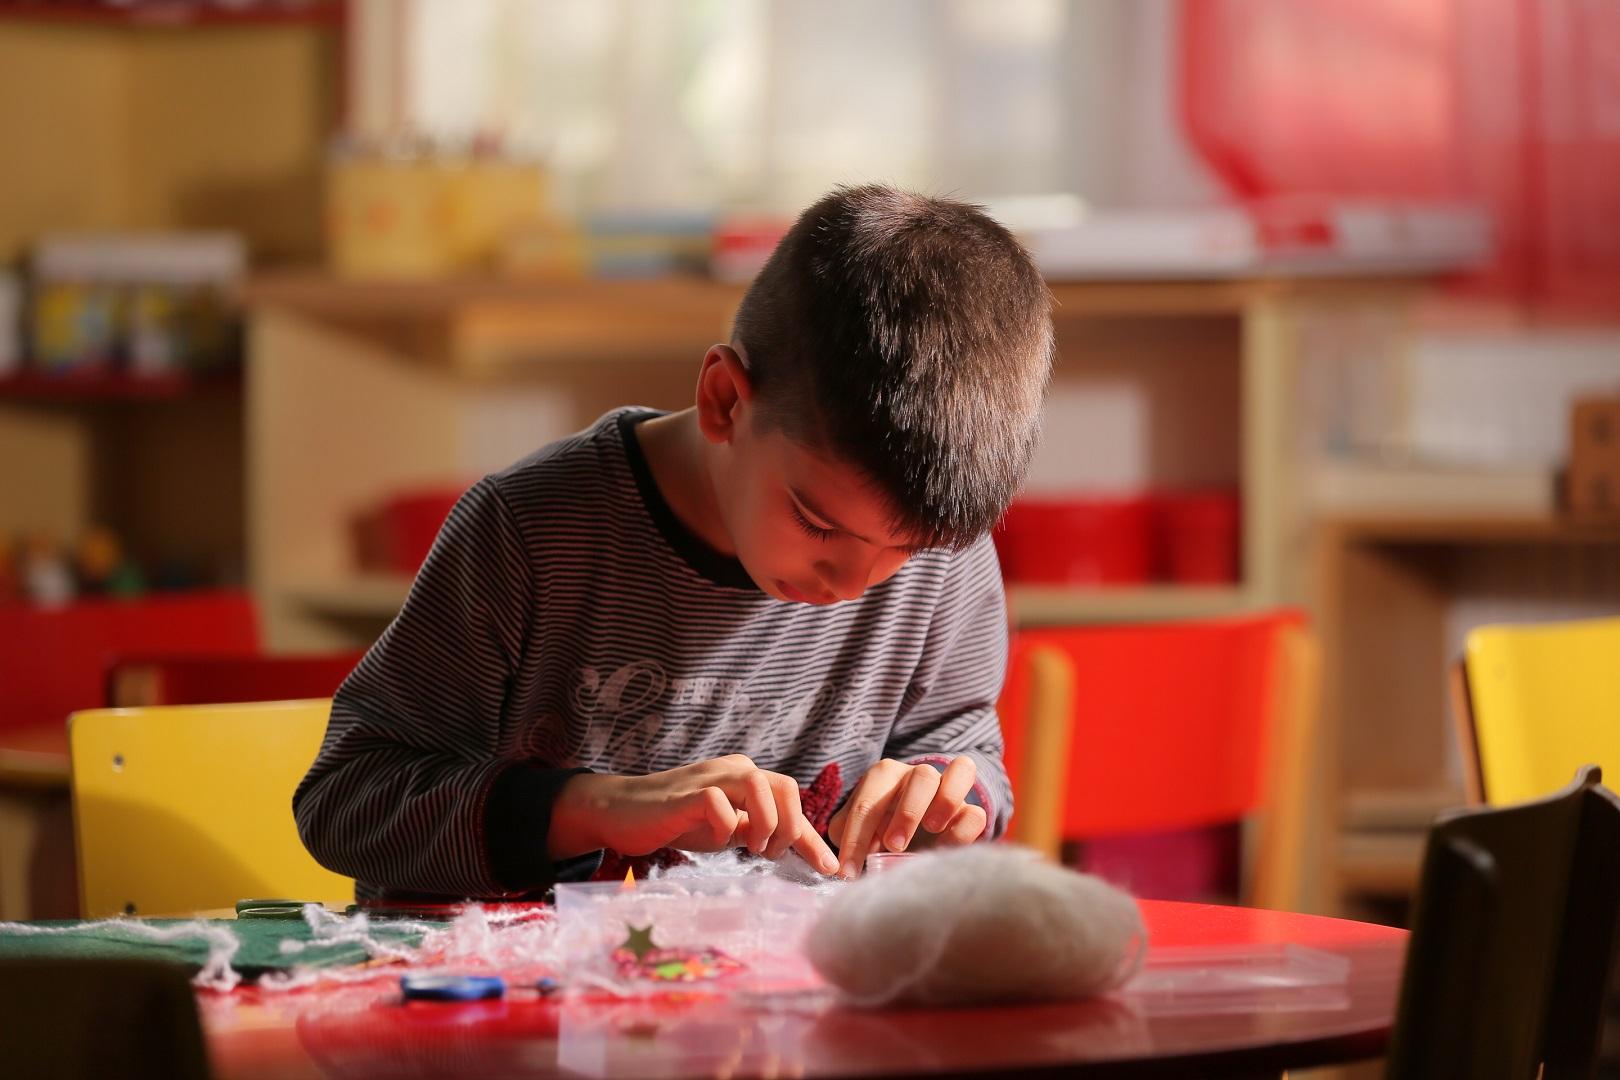 Ushqimi ditor për fëmijët e moshës 4-6 vjeç me mësim të vazhduar